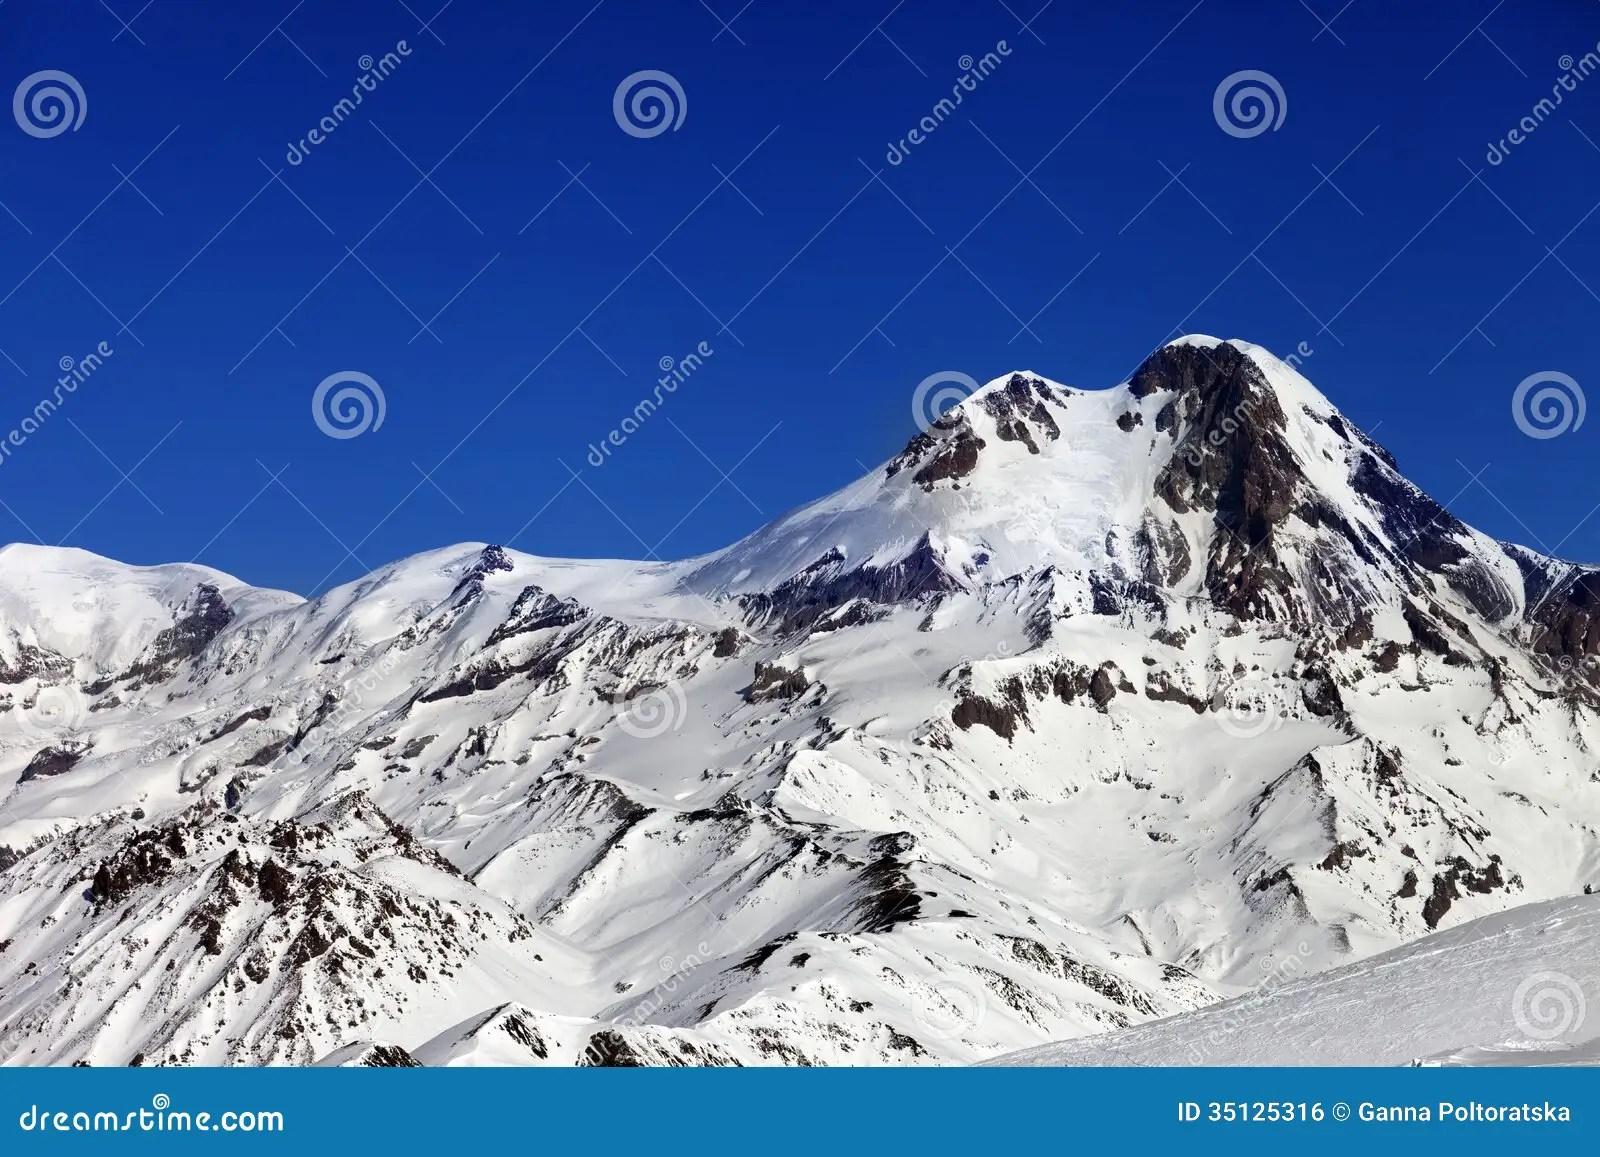 卡茲別克山太陽冬日 免版稅庫存圖片 - 圖片: 35125316